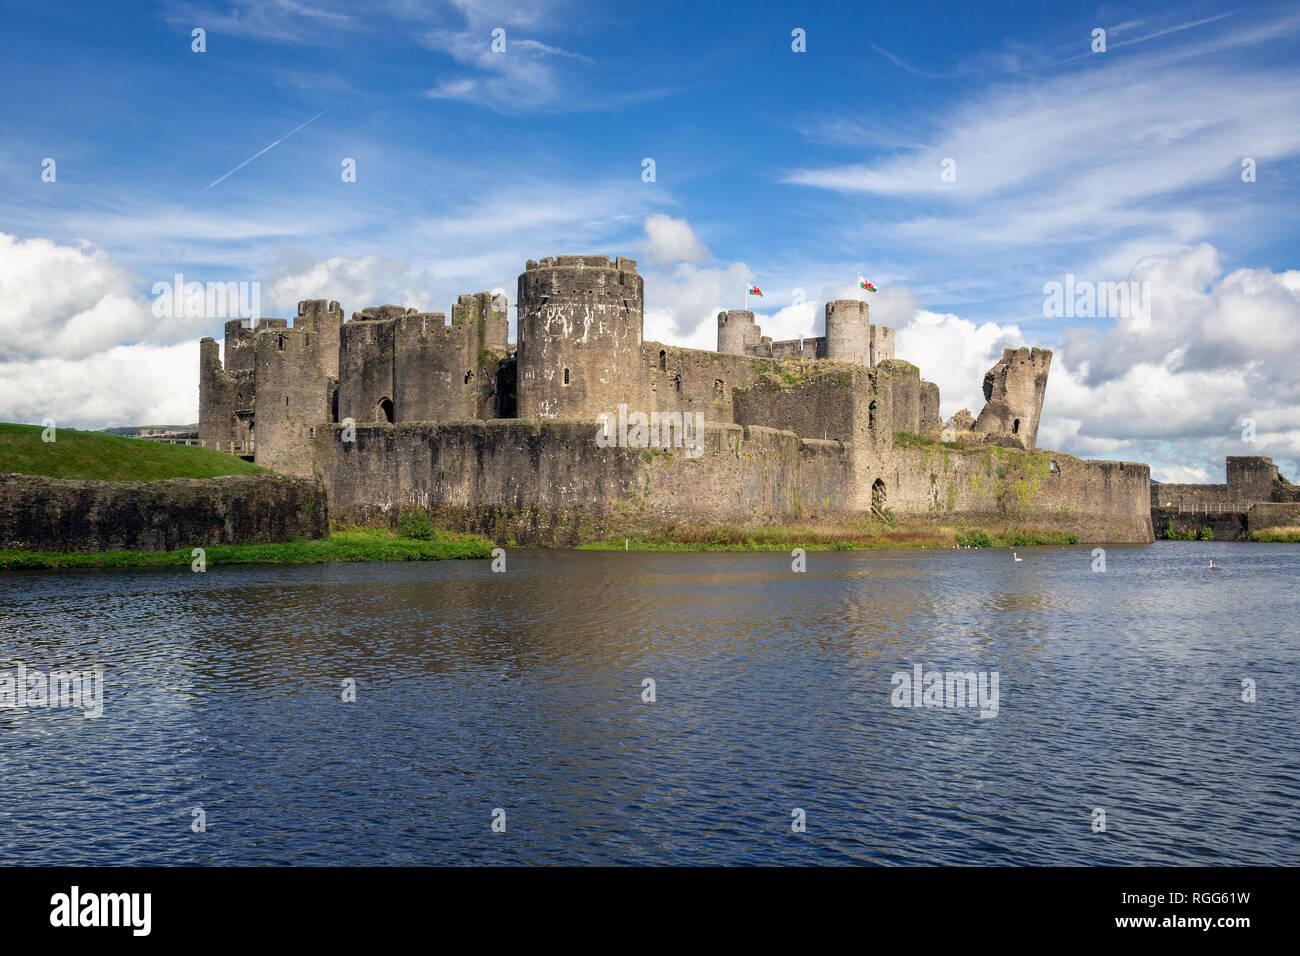 Caerphilly, Caerphilly, Wales, Vereinigtes Königreich. Caerphilly Castle mit seinem wassergraben. Stockbild